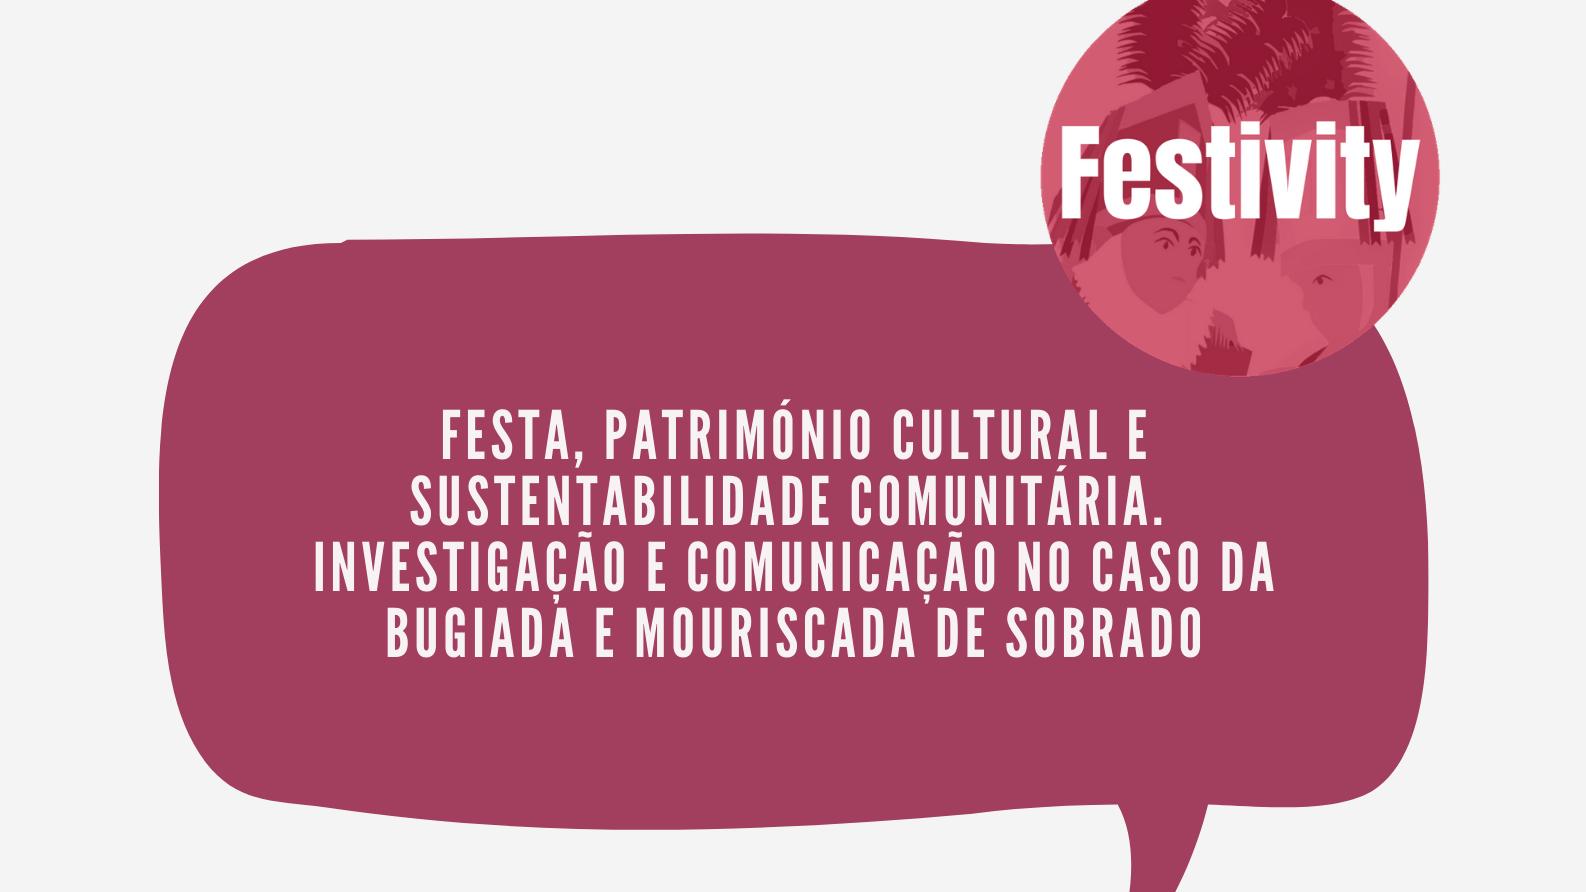 Reveja o Seminário Permanente para a Investigação e Comunidade sobre projeto Festivity